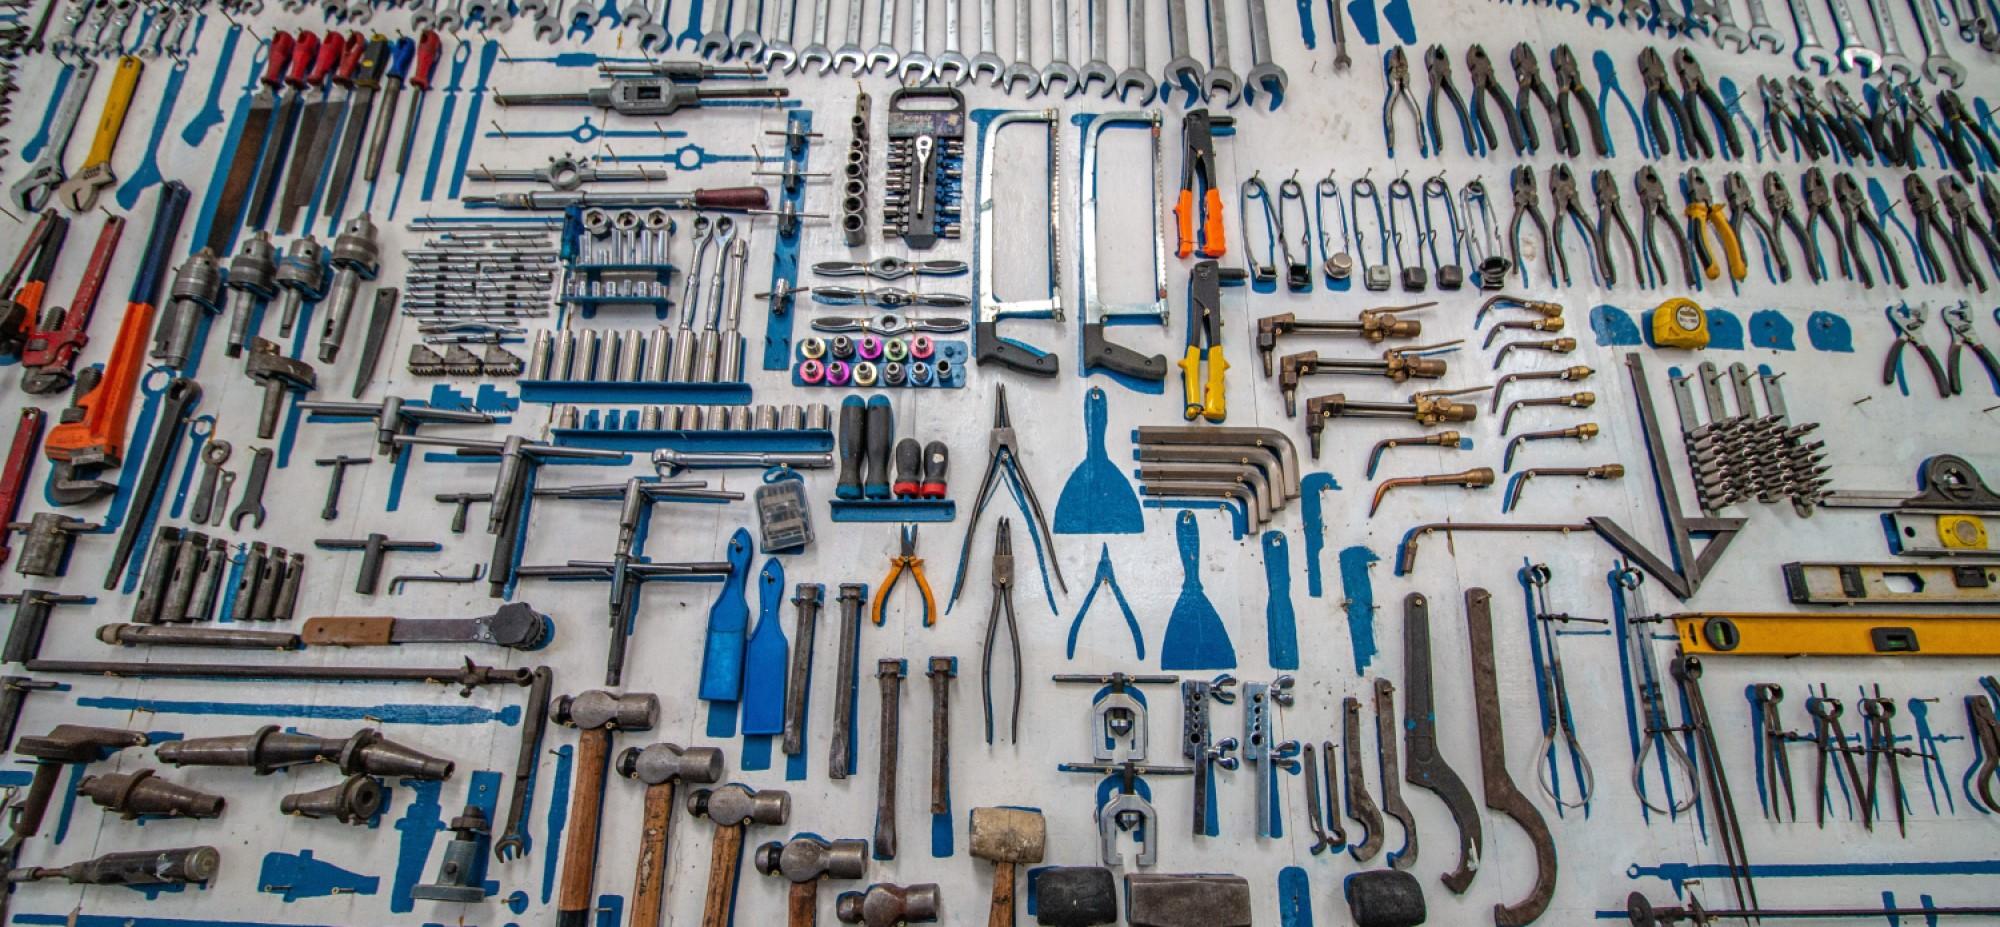 viele verschiedene werkzeuge